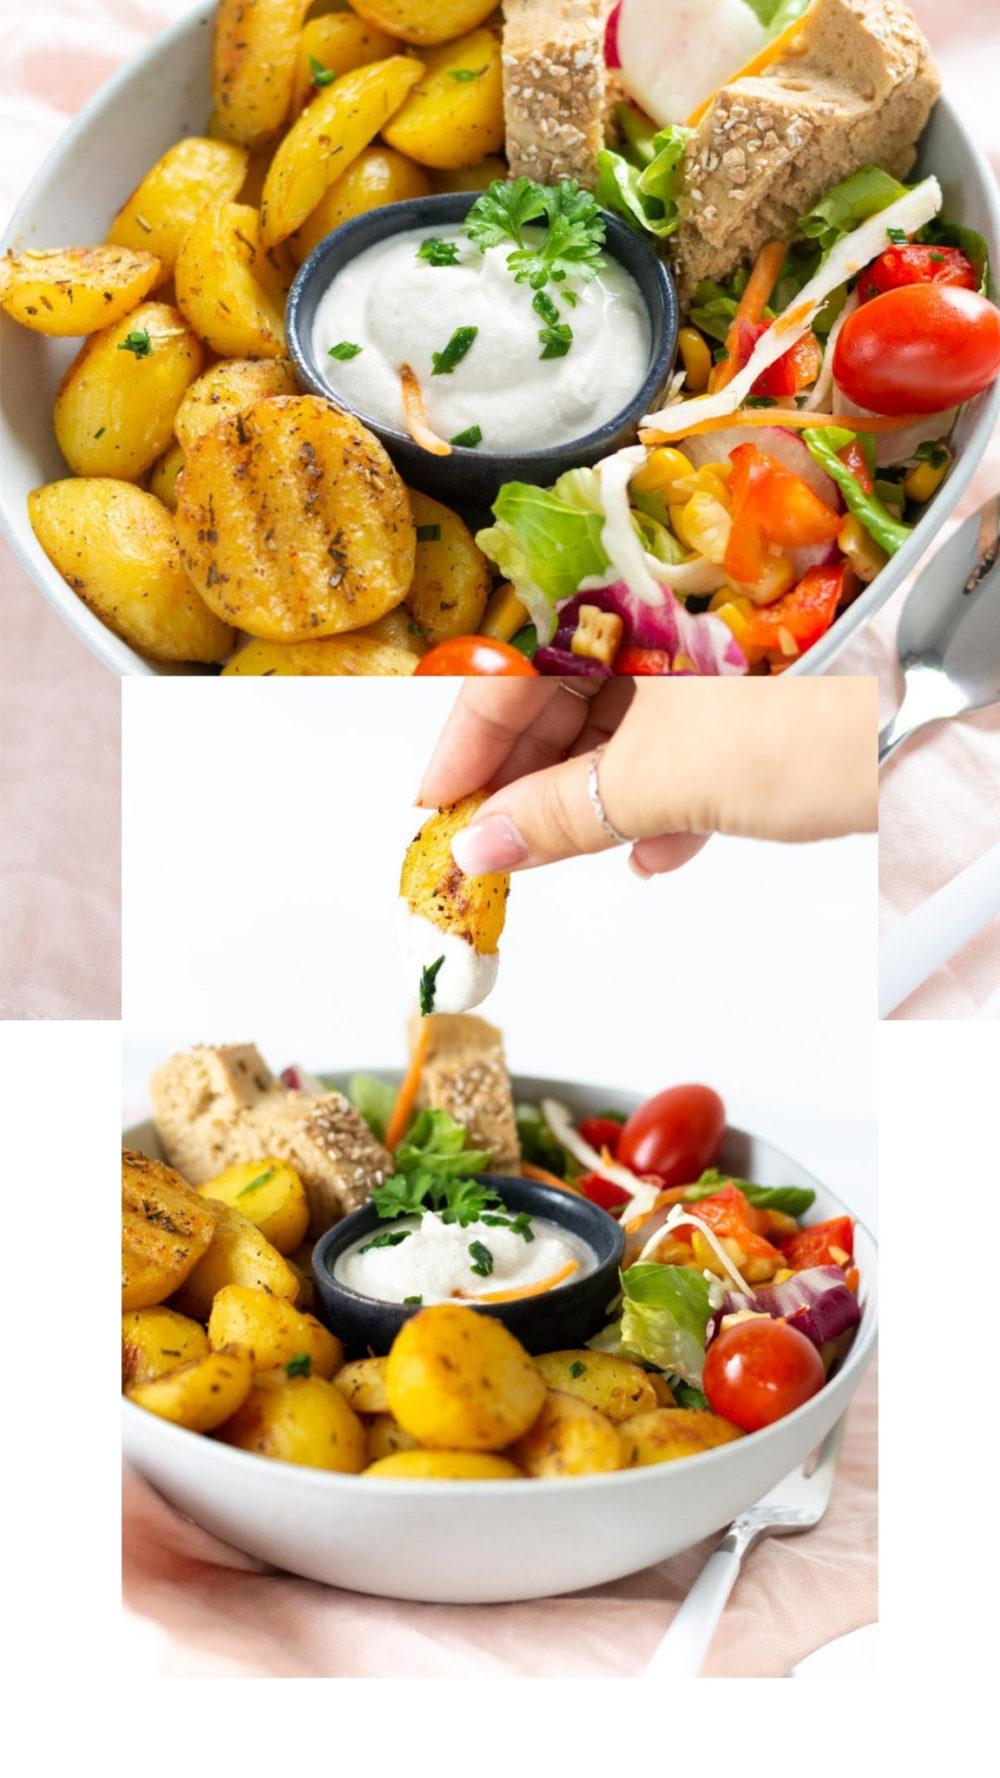 Diese vegane CASHEW SOUR CREAM benötigt nur 5 Zutaten und ist in weniger als 30 Minuten fertig. Genießen Sie es zusätzlich zu veganem Chili, Sandwiches, Suppe, Burritoschalen, Salaten und vielem mehr. Es ist einfach, cremig und lecker!